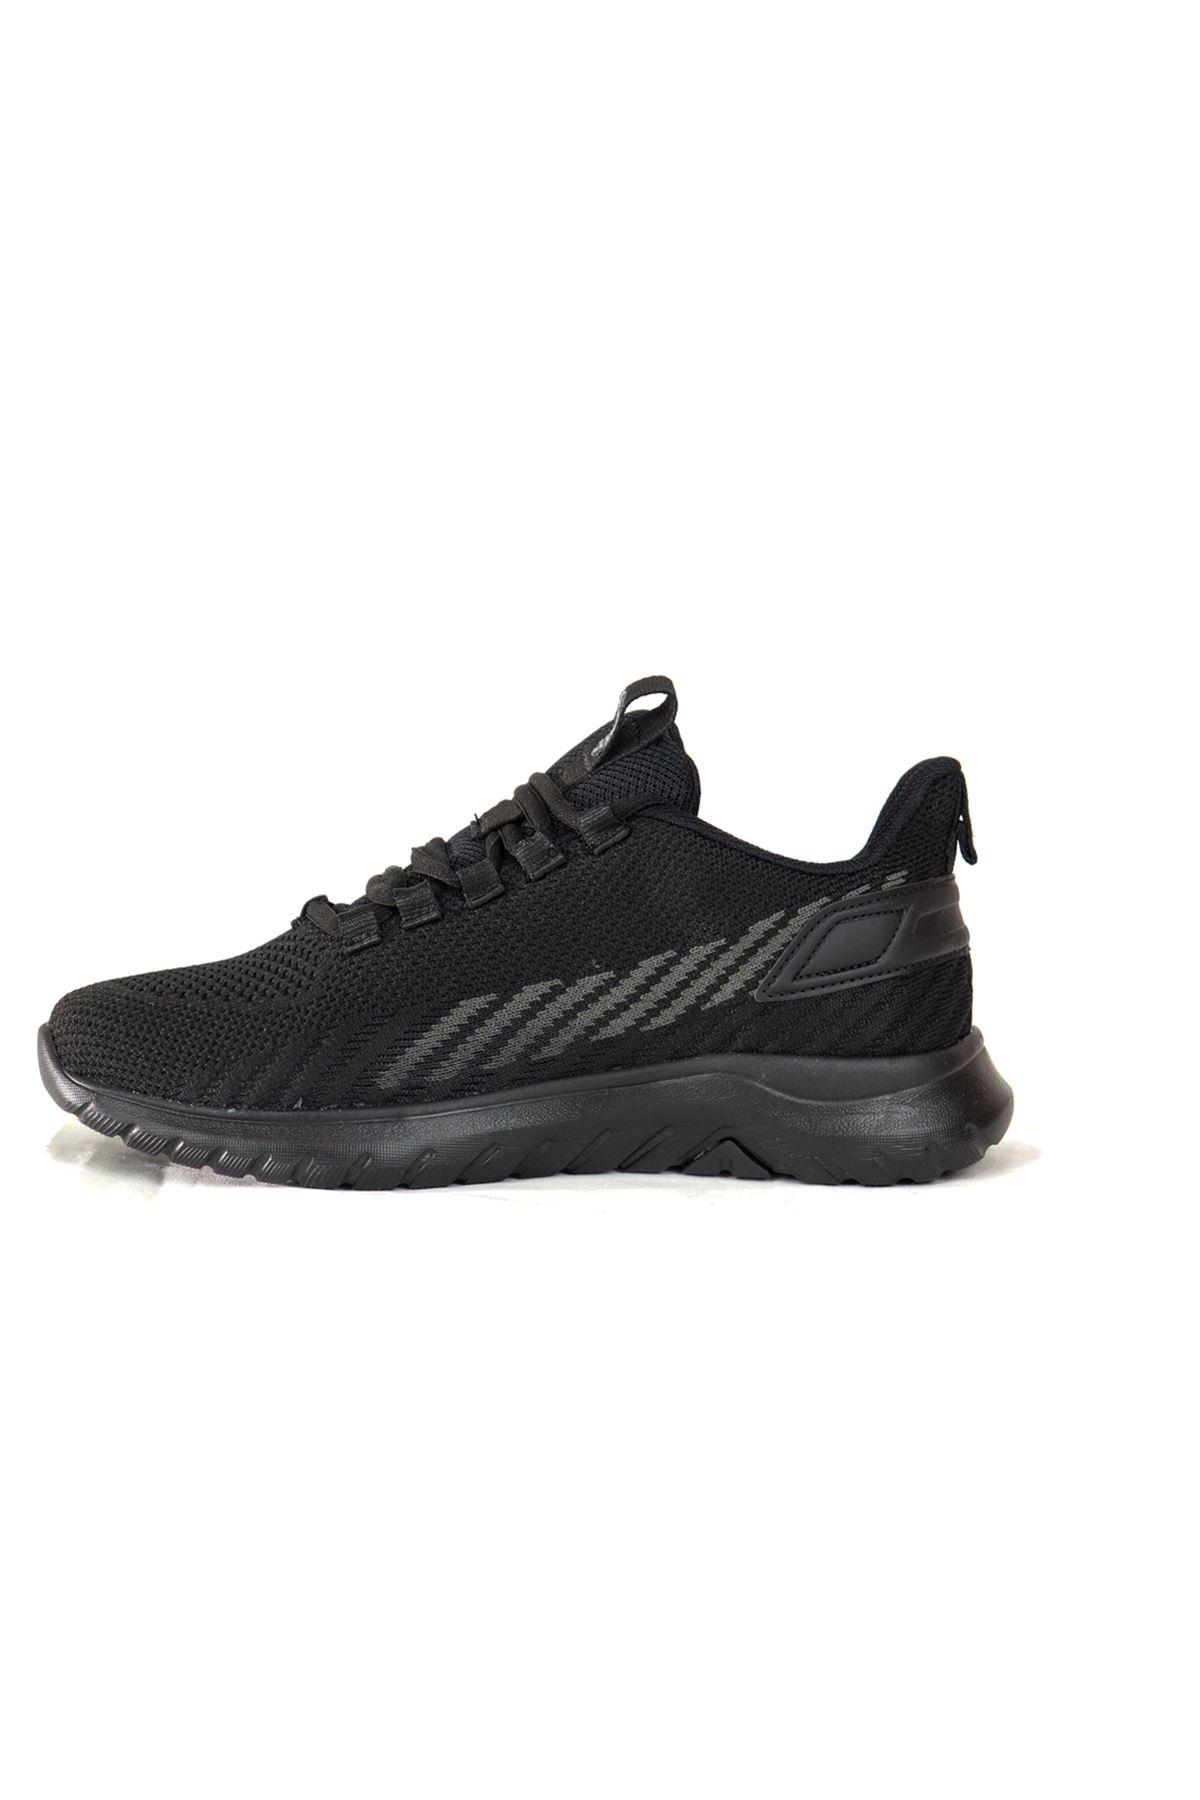 Jump - 26441 - Siyaha Siyah Kadın Spor Ayakkabısı